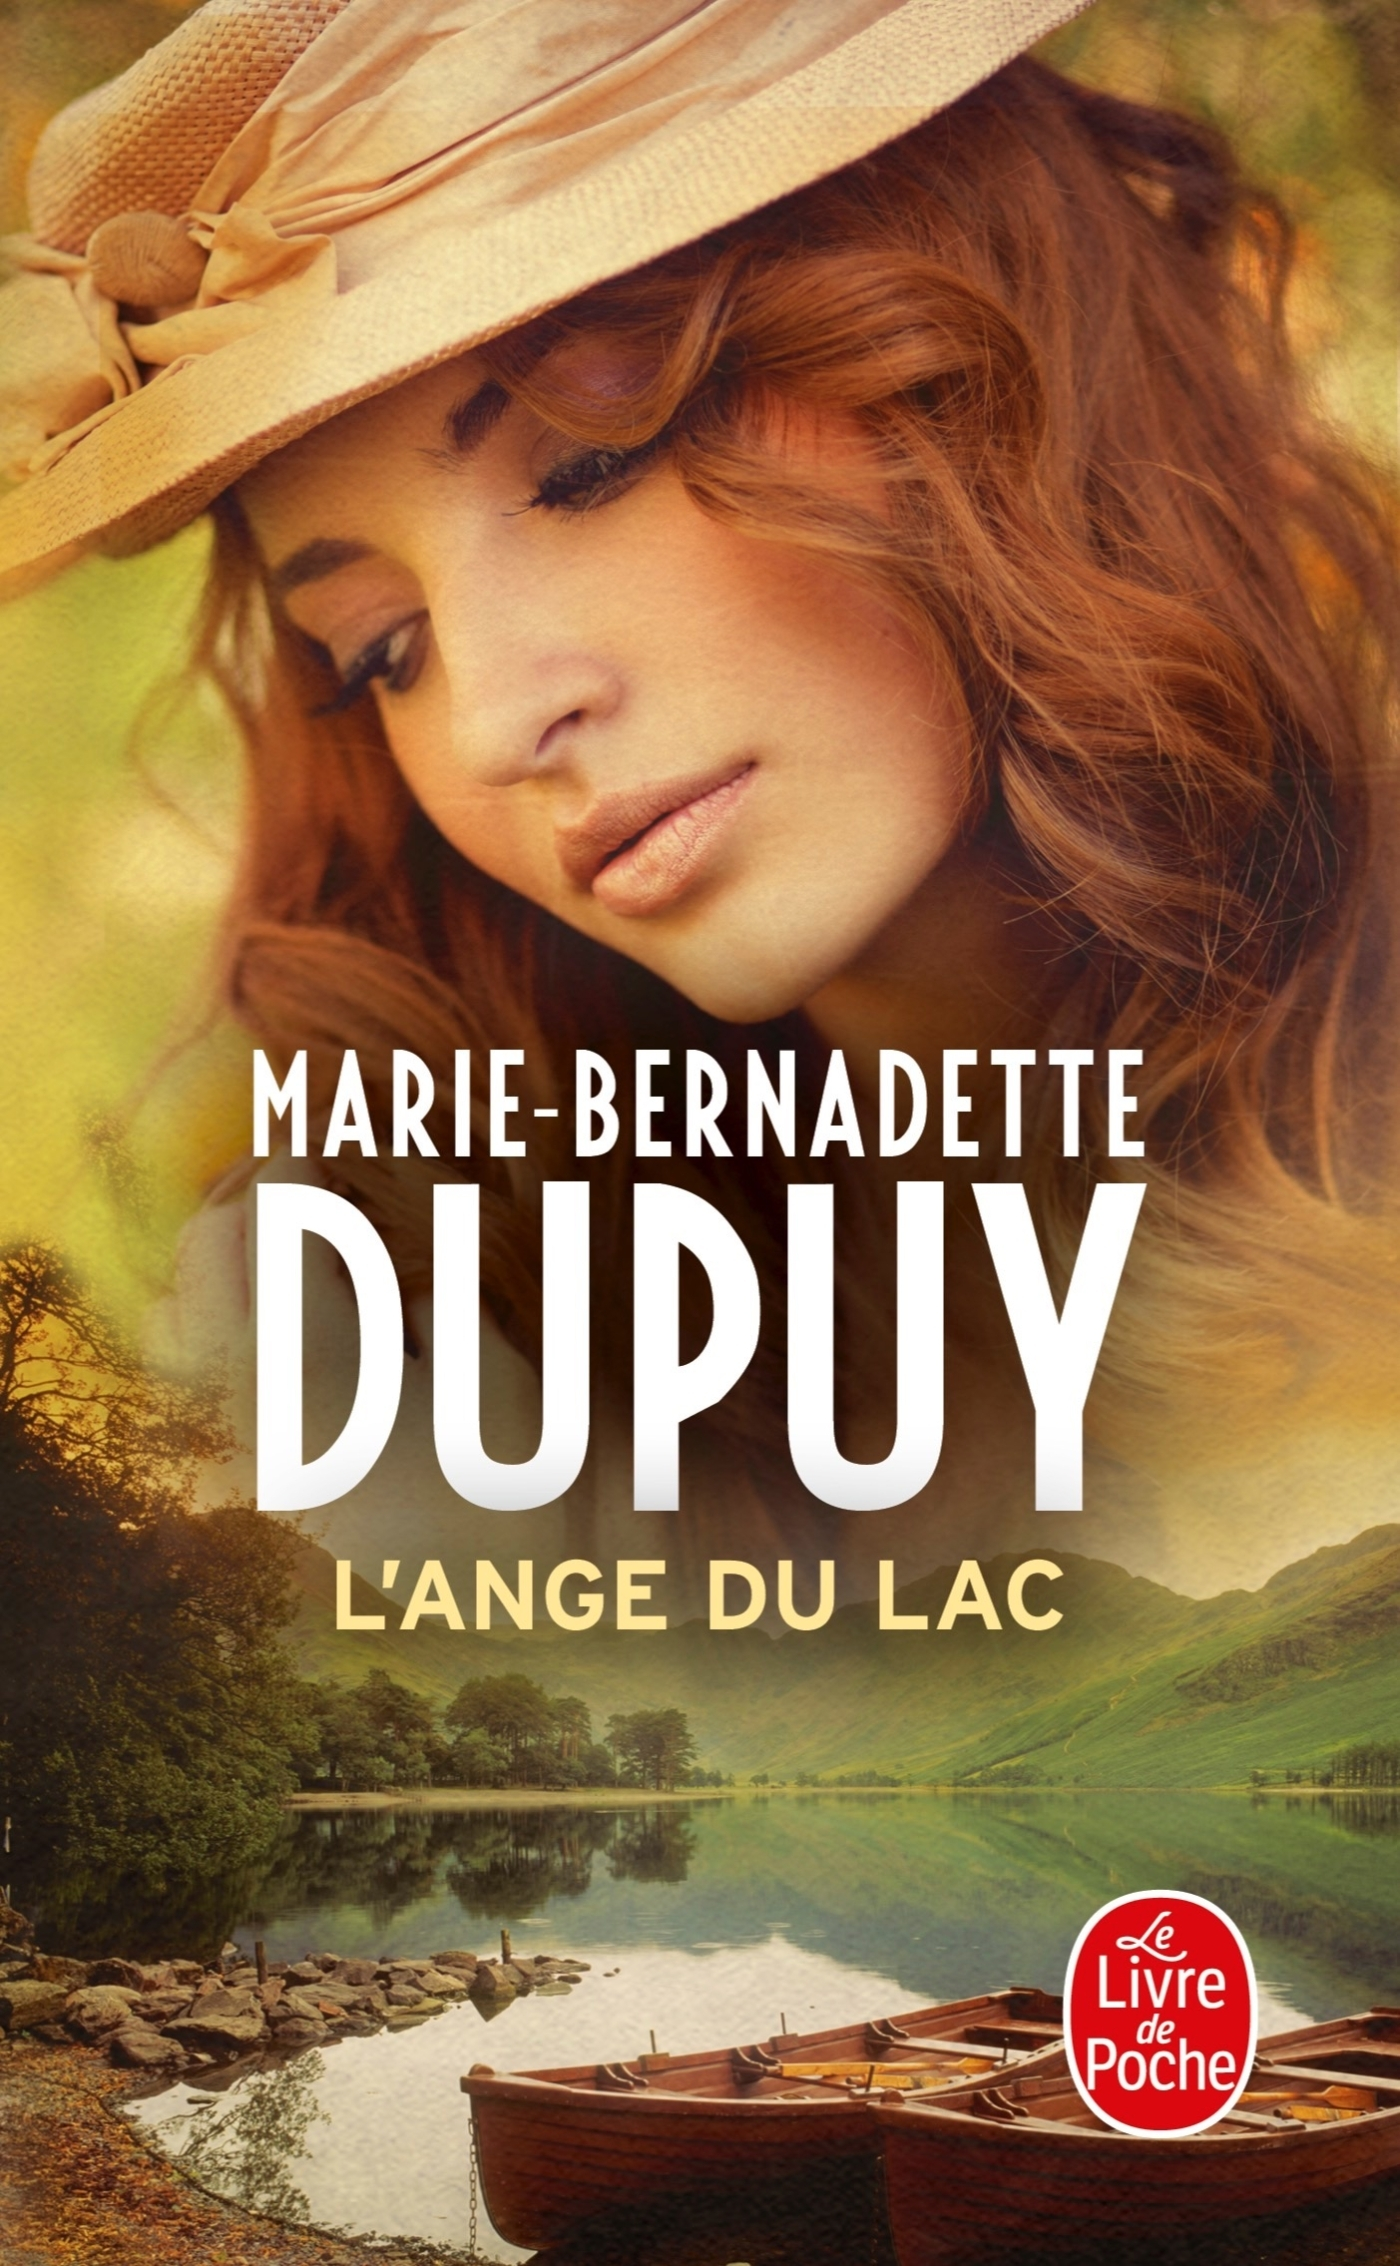 L'ANGE DU LAC (L'ORPHELINE DES NEIGES, TOME 6)